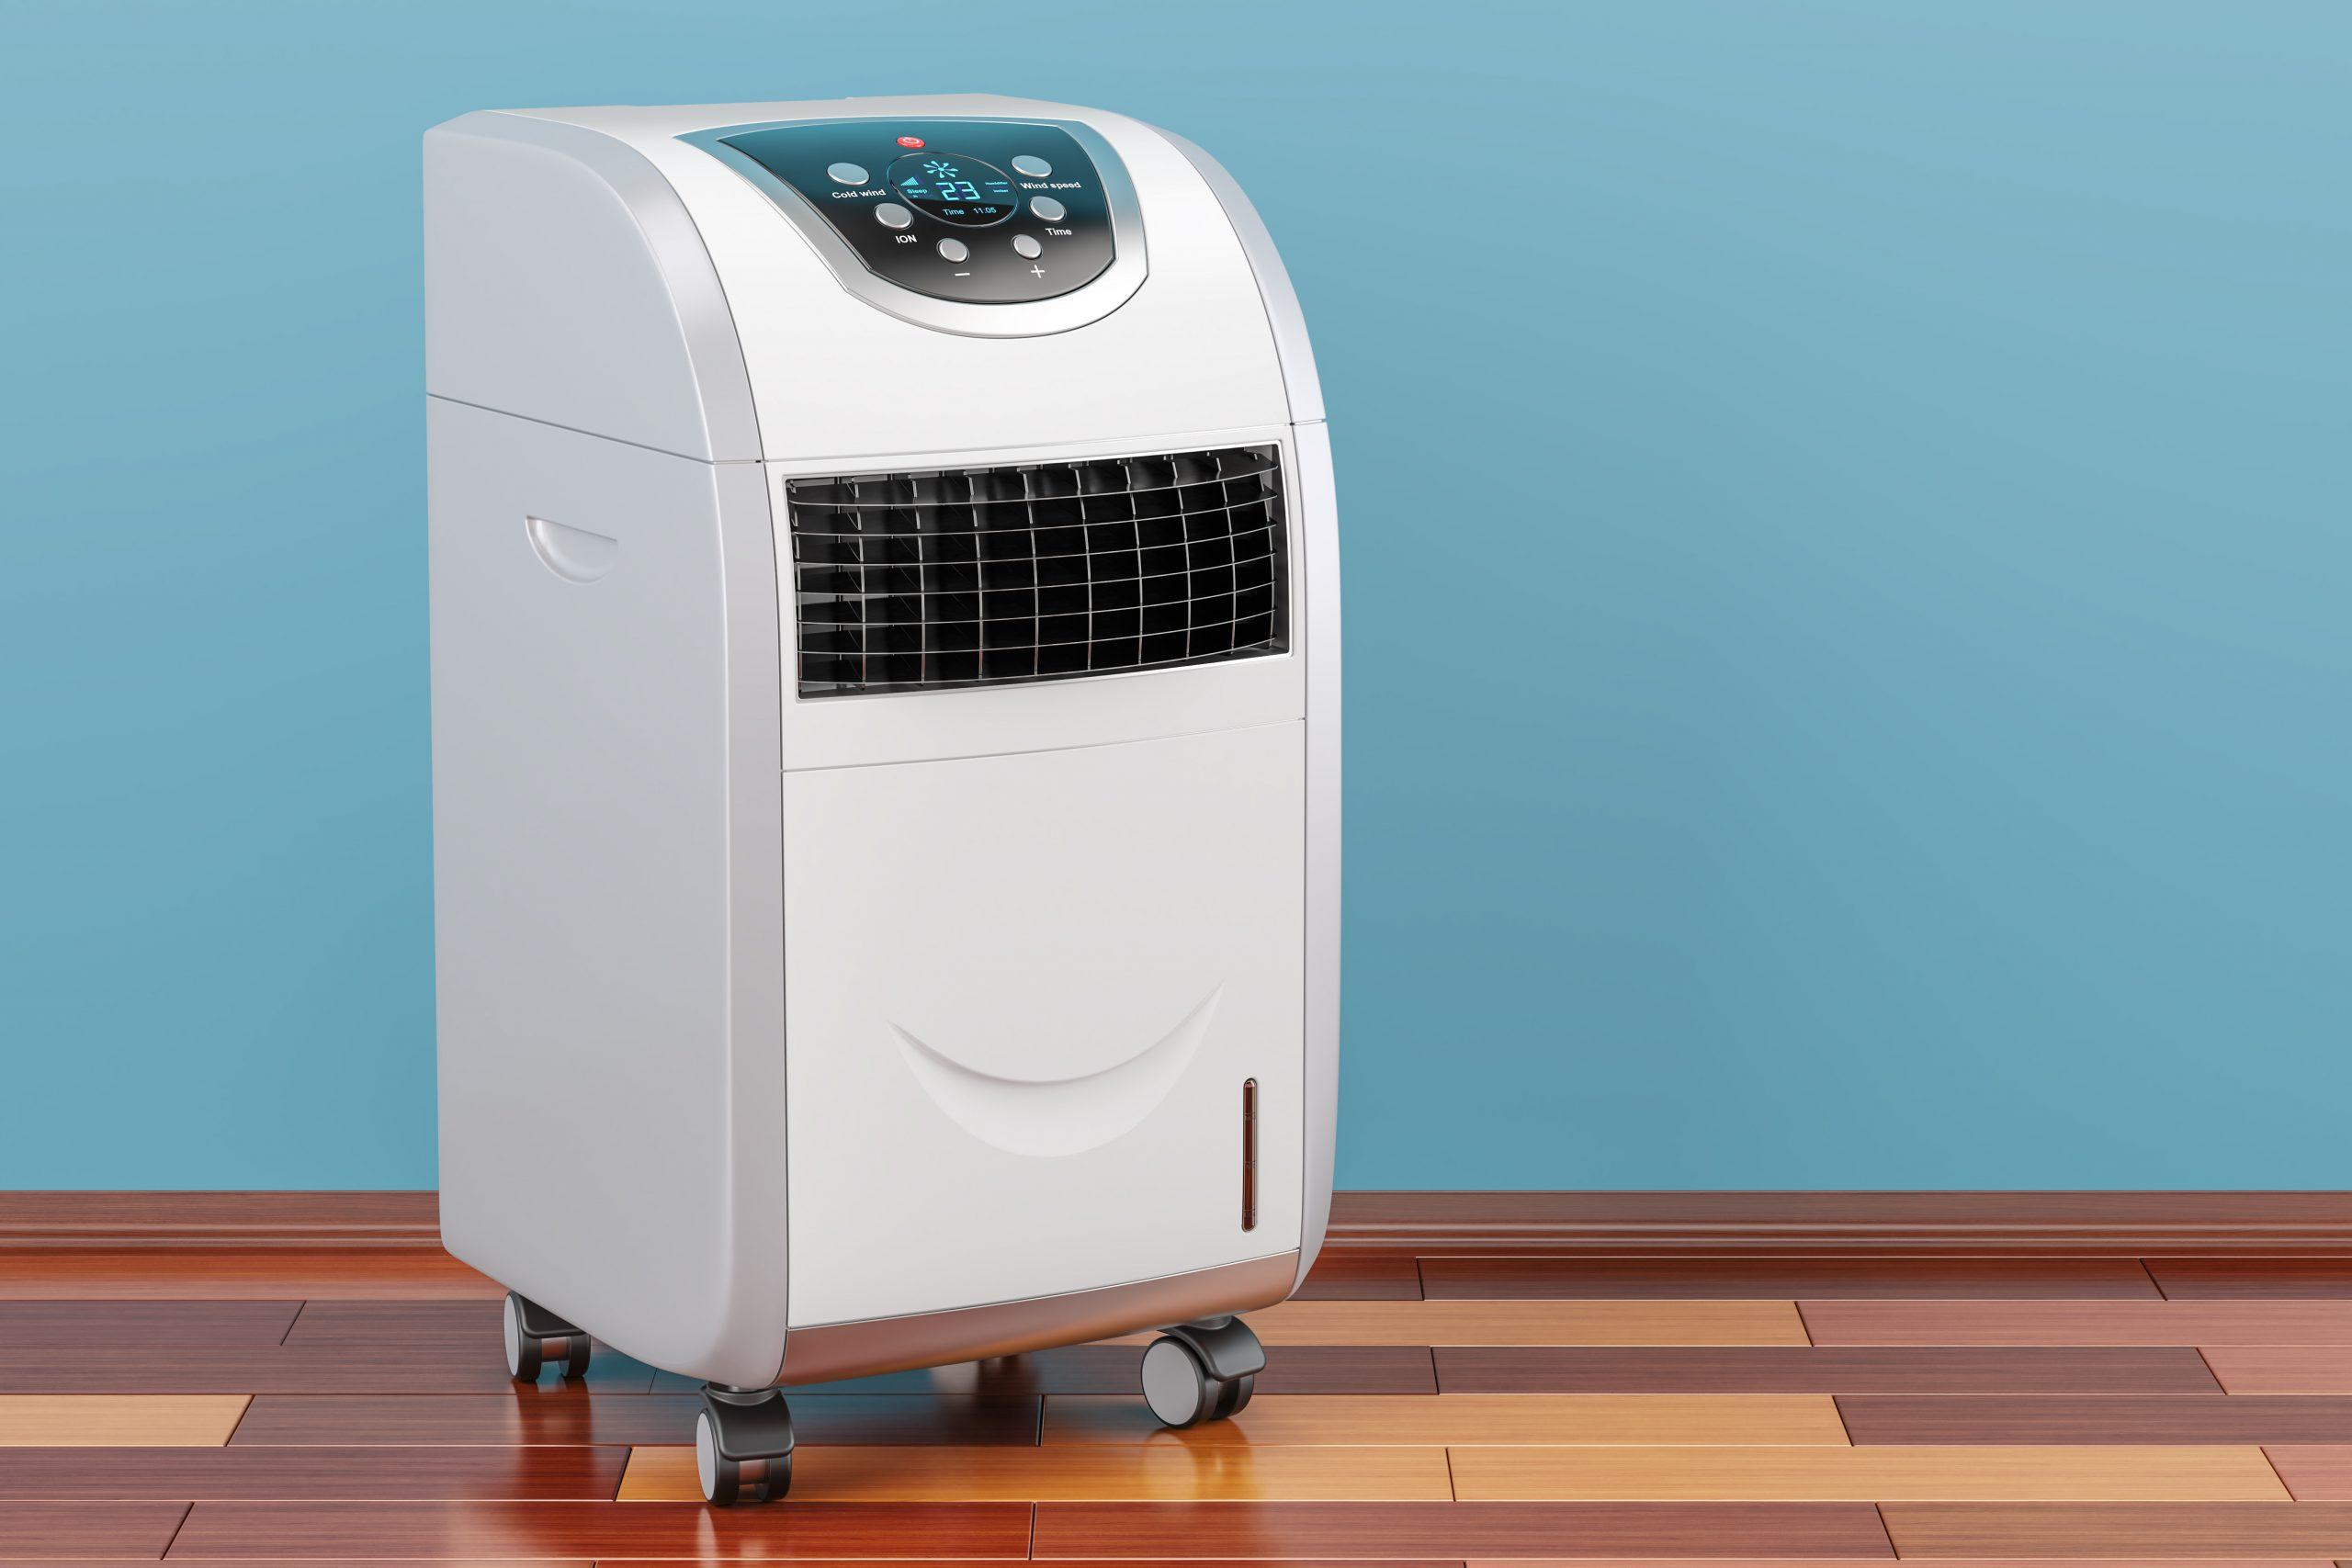 Klimaanlage fürs Schlafzimmer: Test & Empfehlungen (04/21)